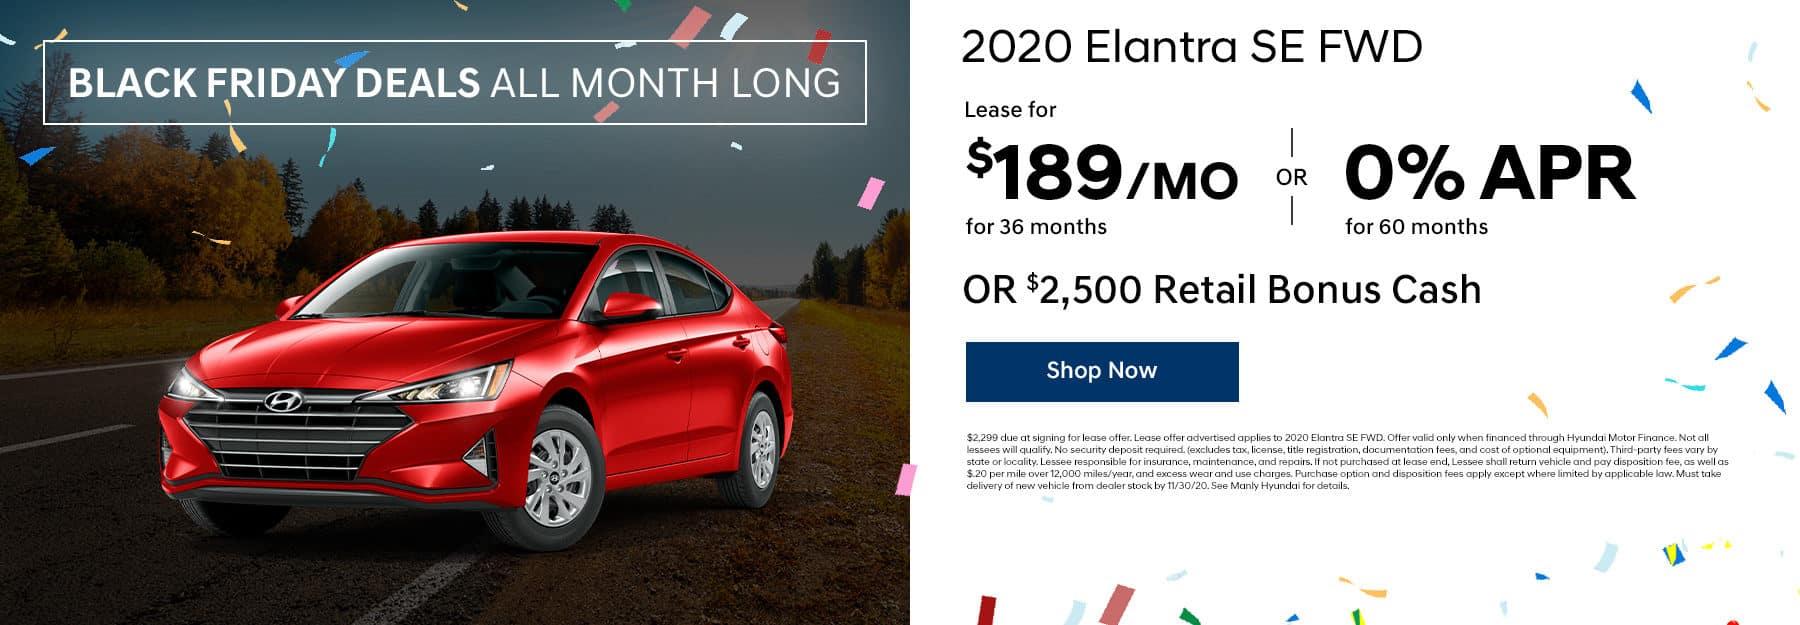 2020 Elantra offers